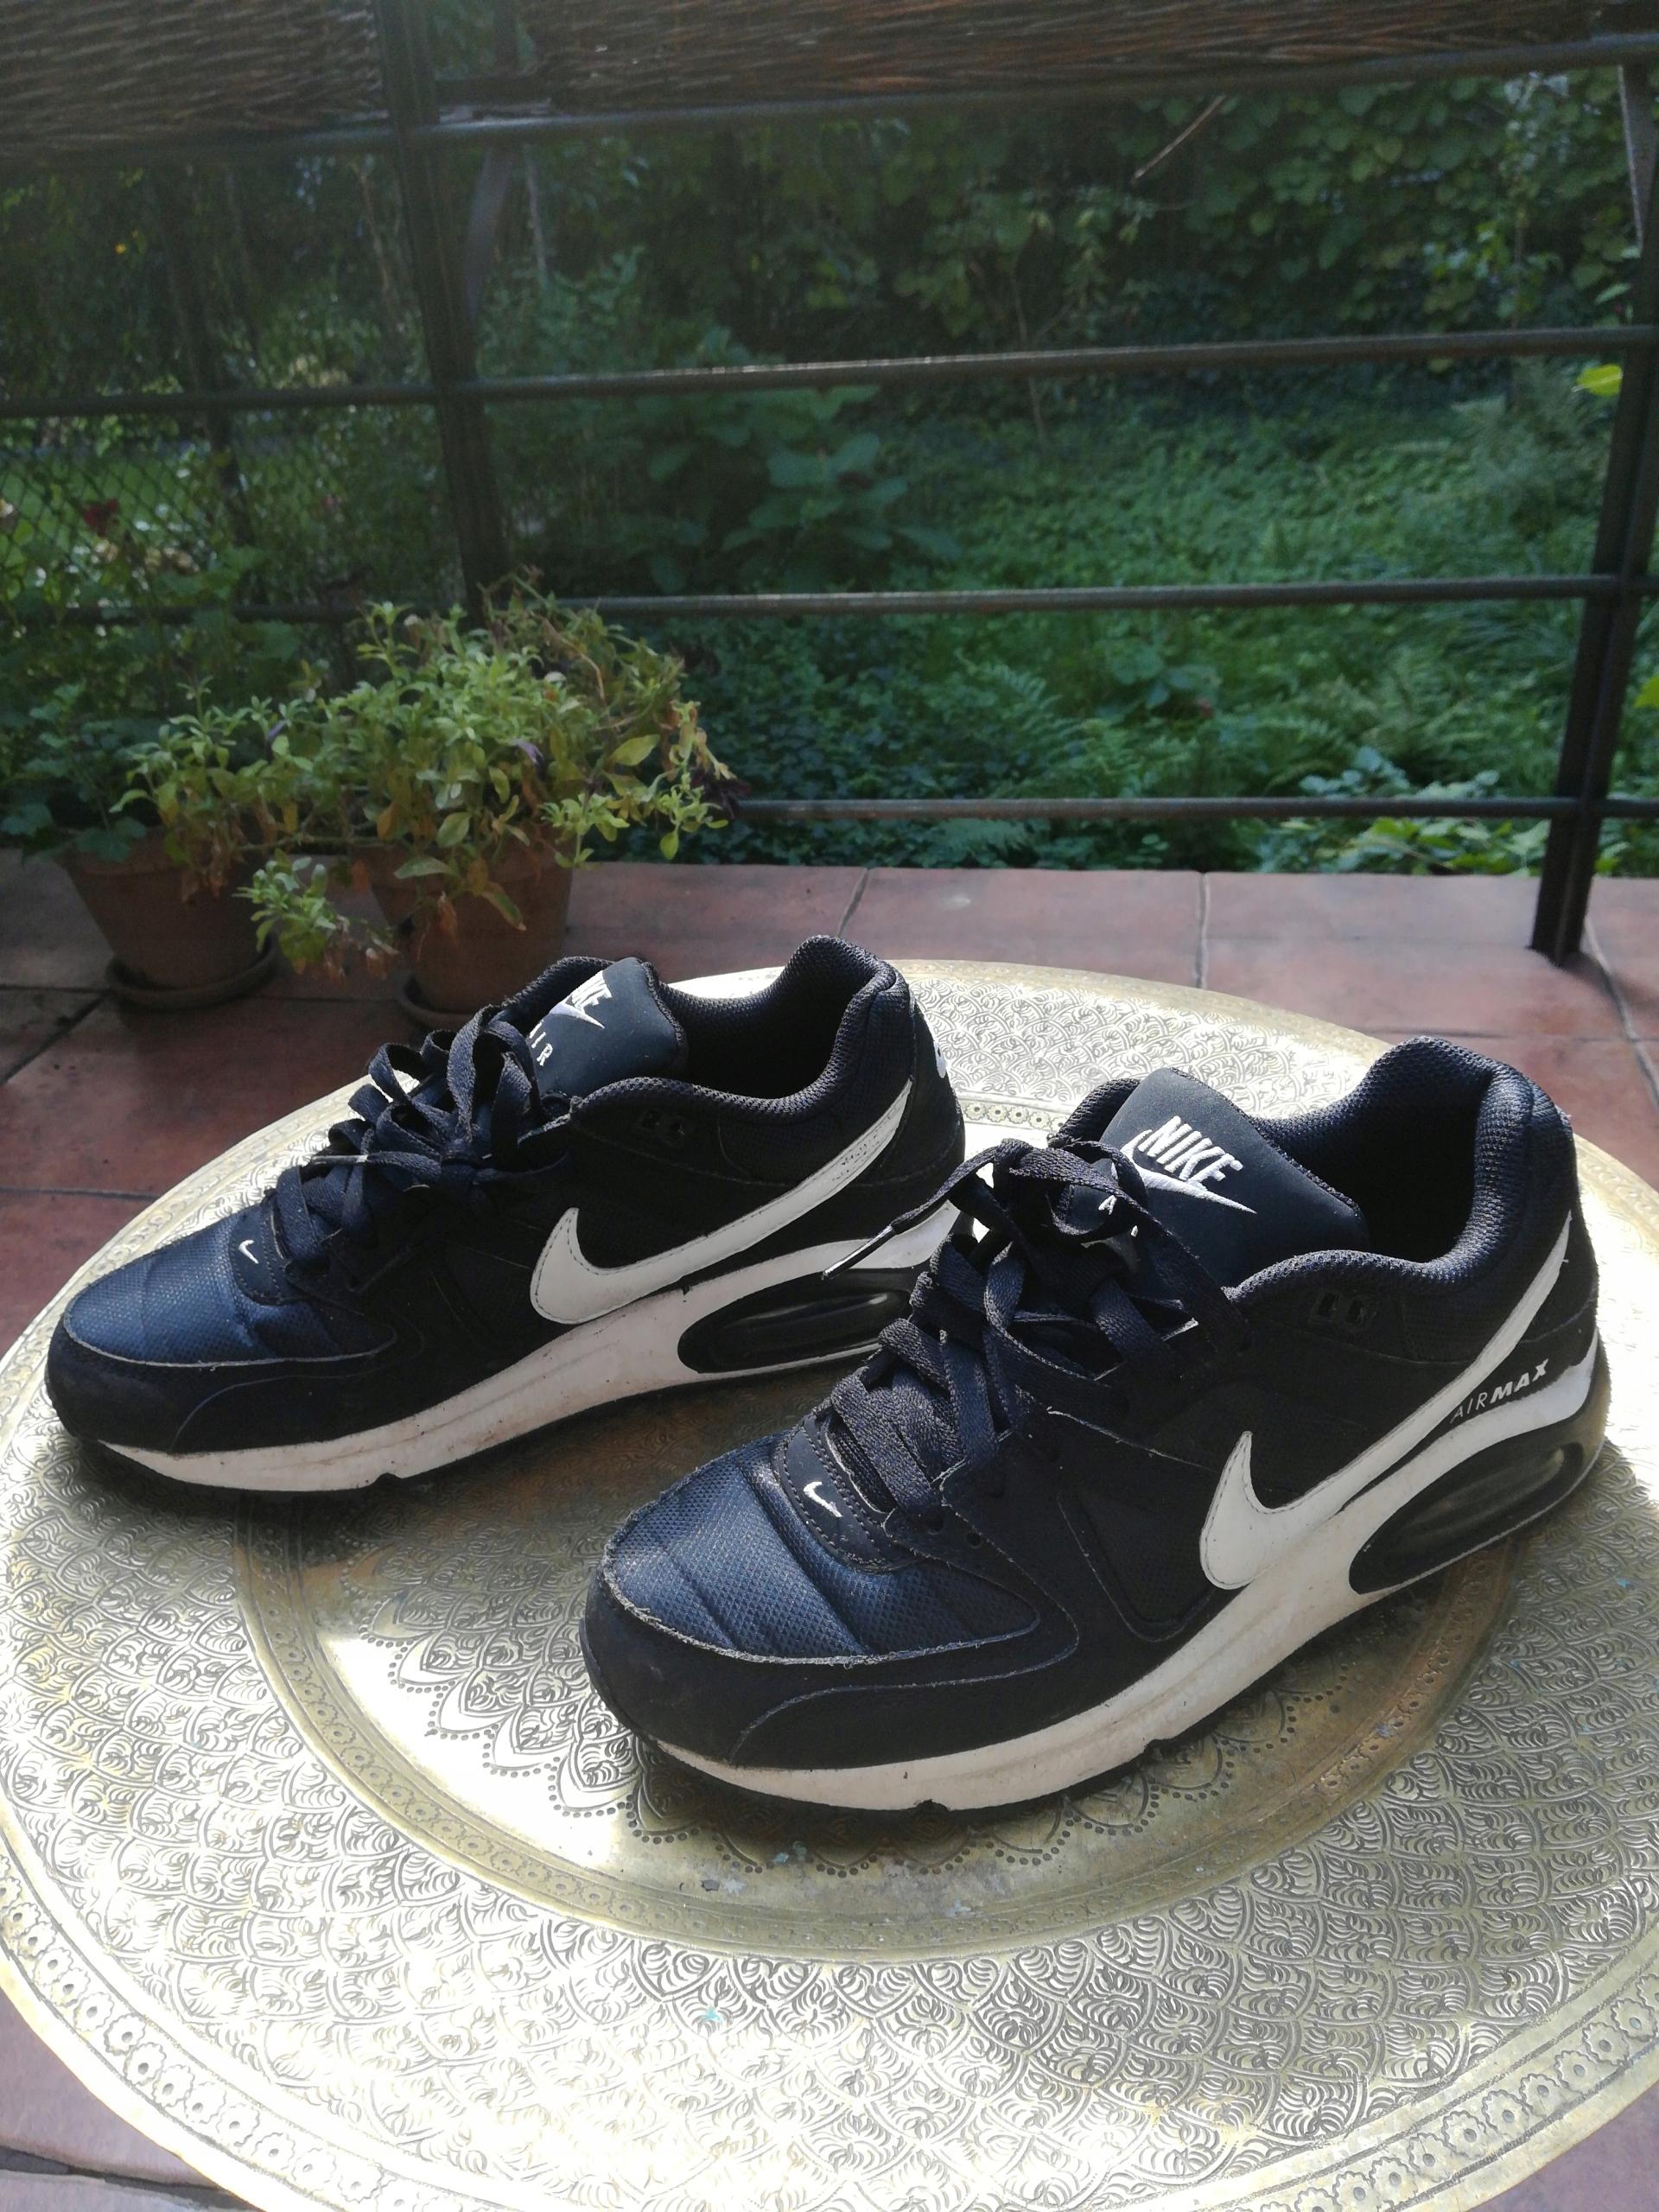 58f1adaa6 Fajne buty nike airmax air max czarne-białe 40, 5 - 7511649719 ...